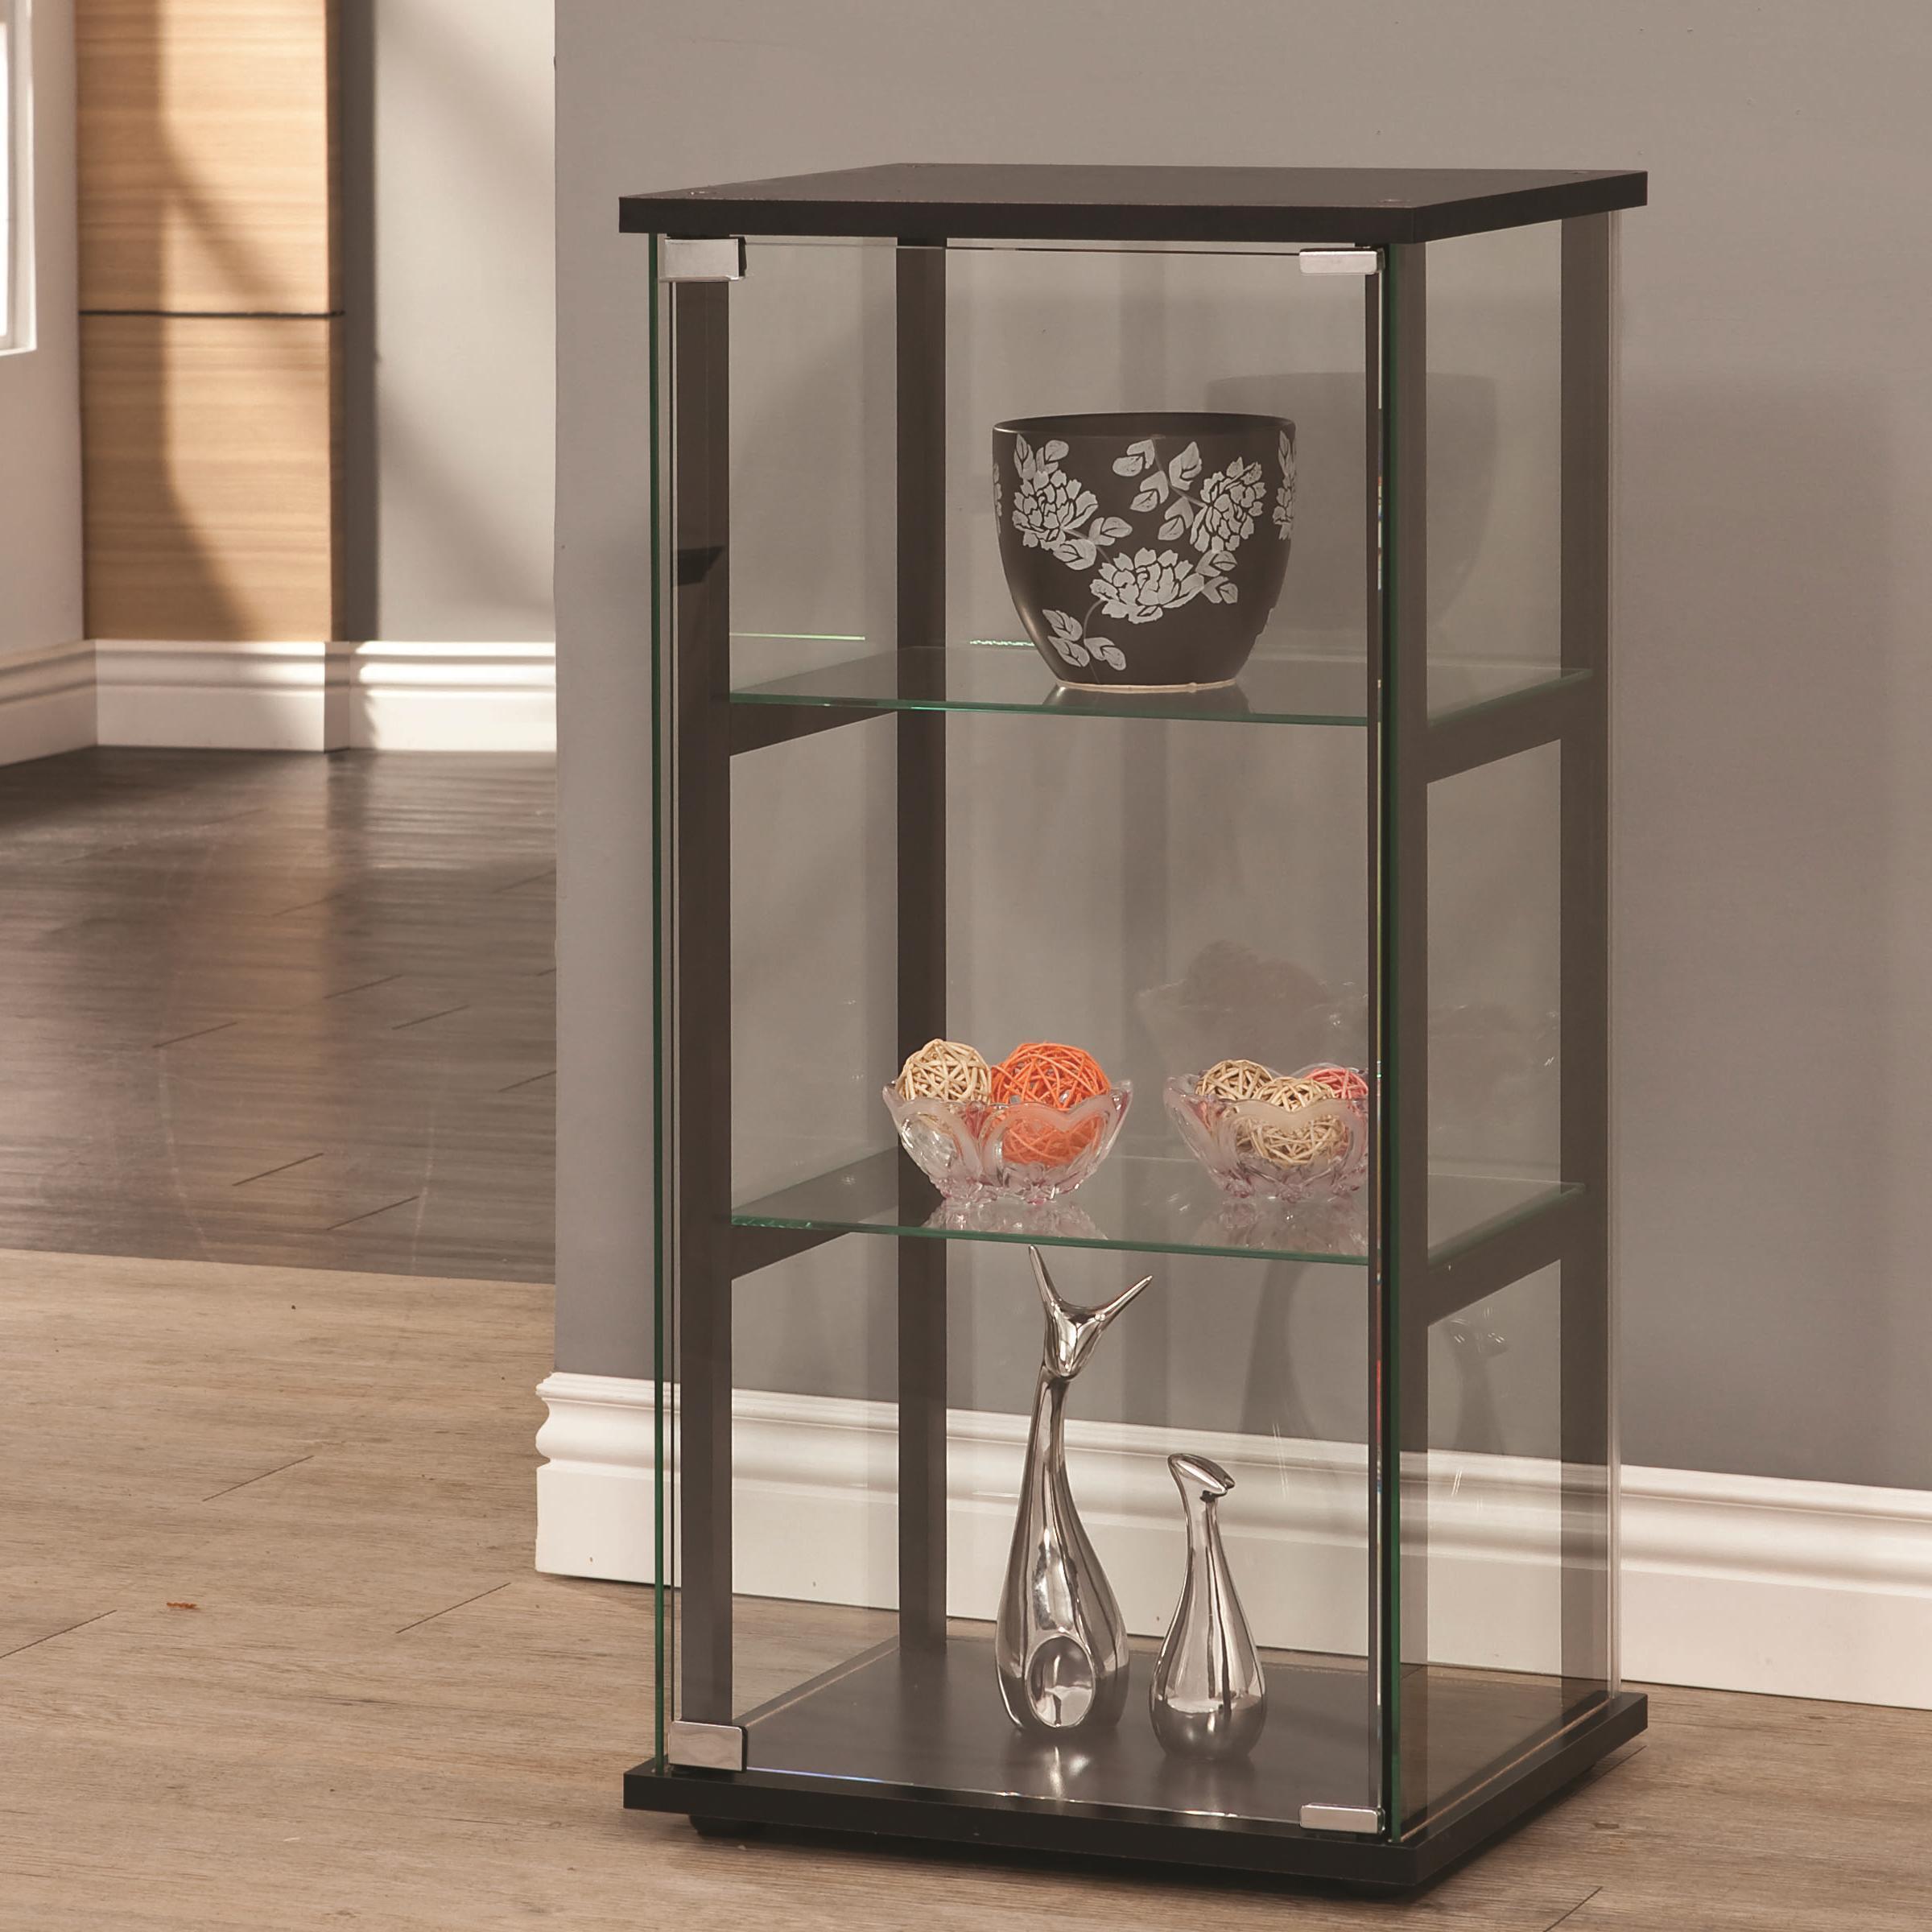 Curio Cabinets 3 Shelf Contemporary Glass Curio Cabinet By Coaster